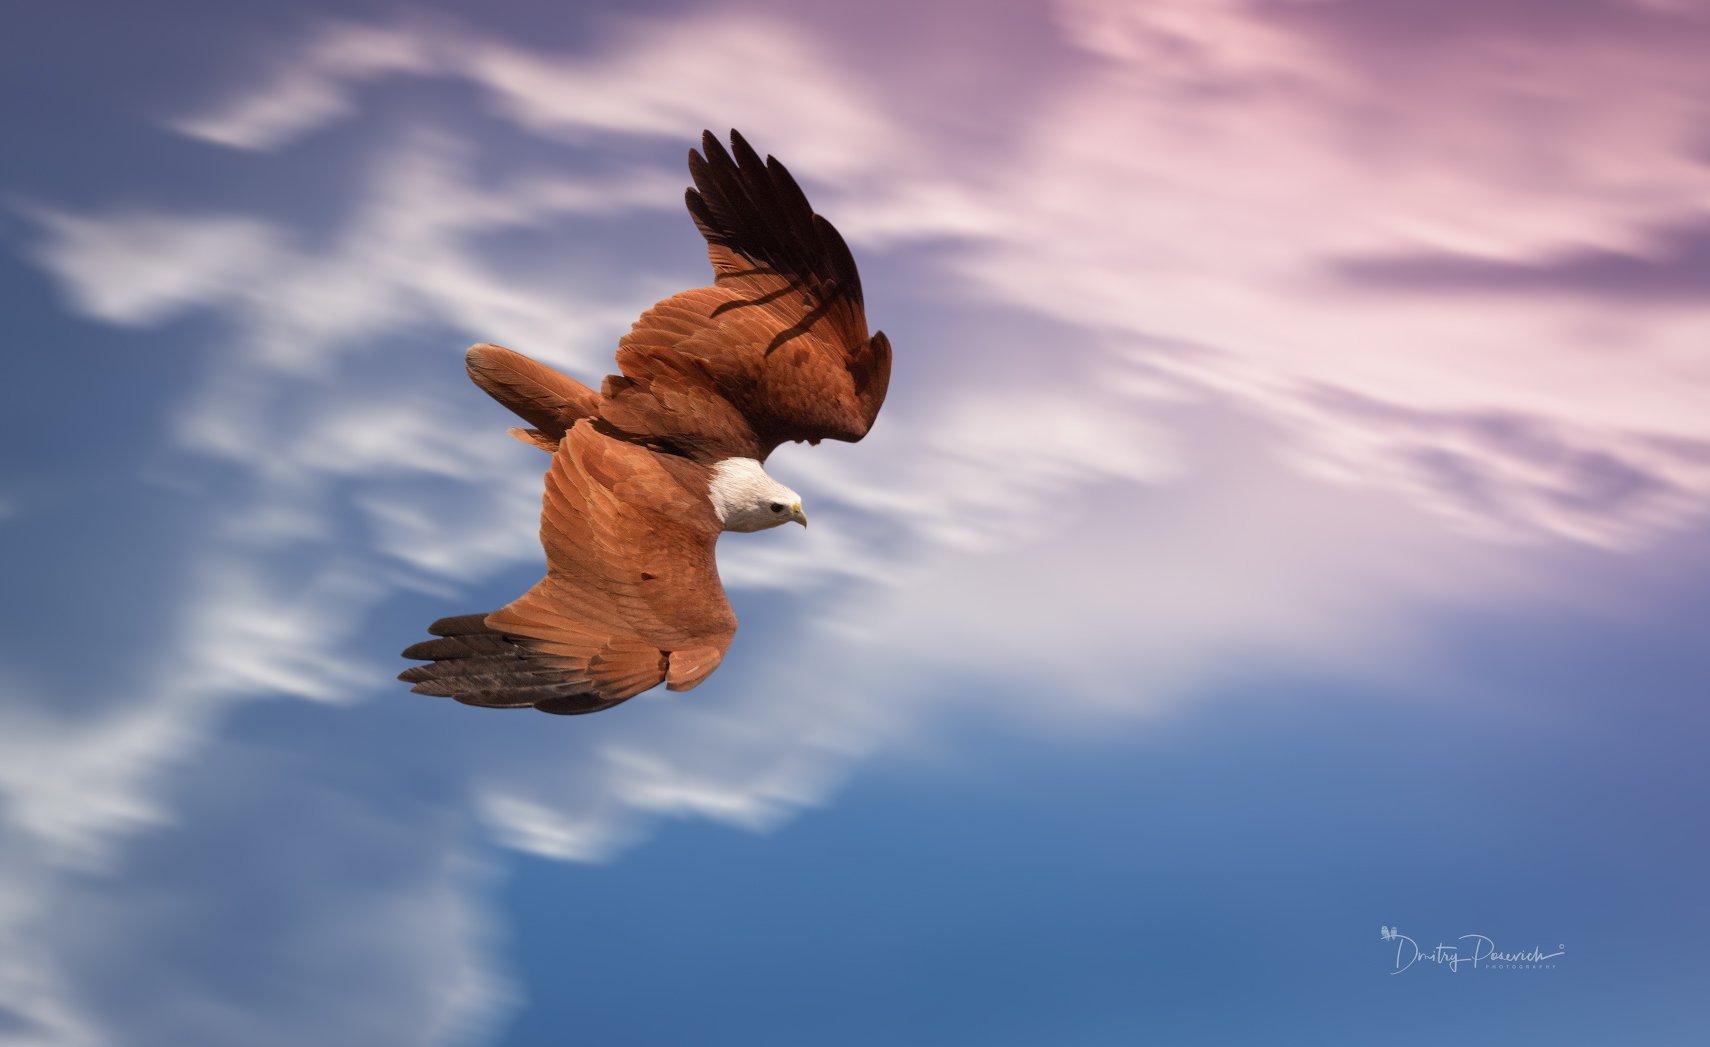 природа, животные, птицы, вьетнам, остров фукок, Дмитрий Посевич